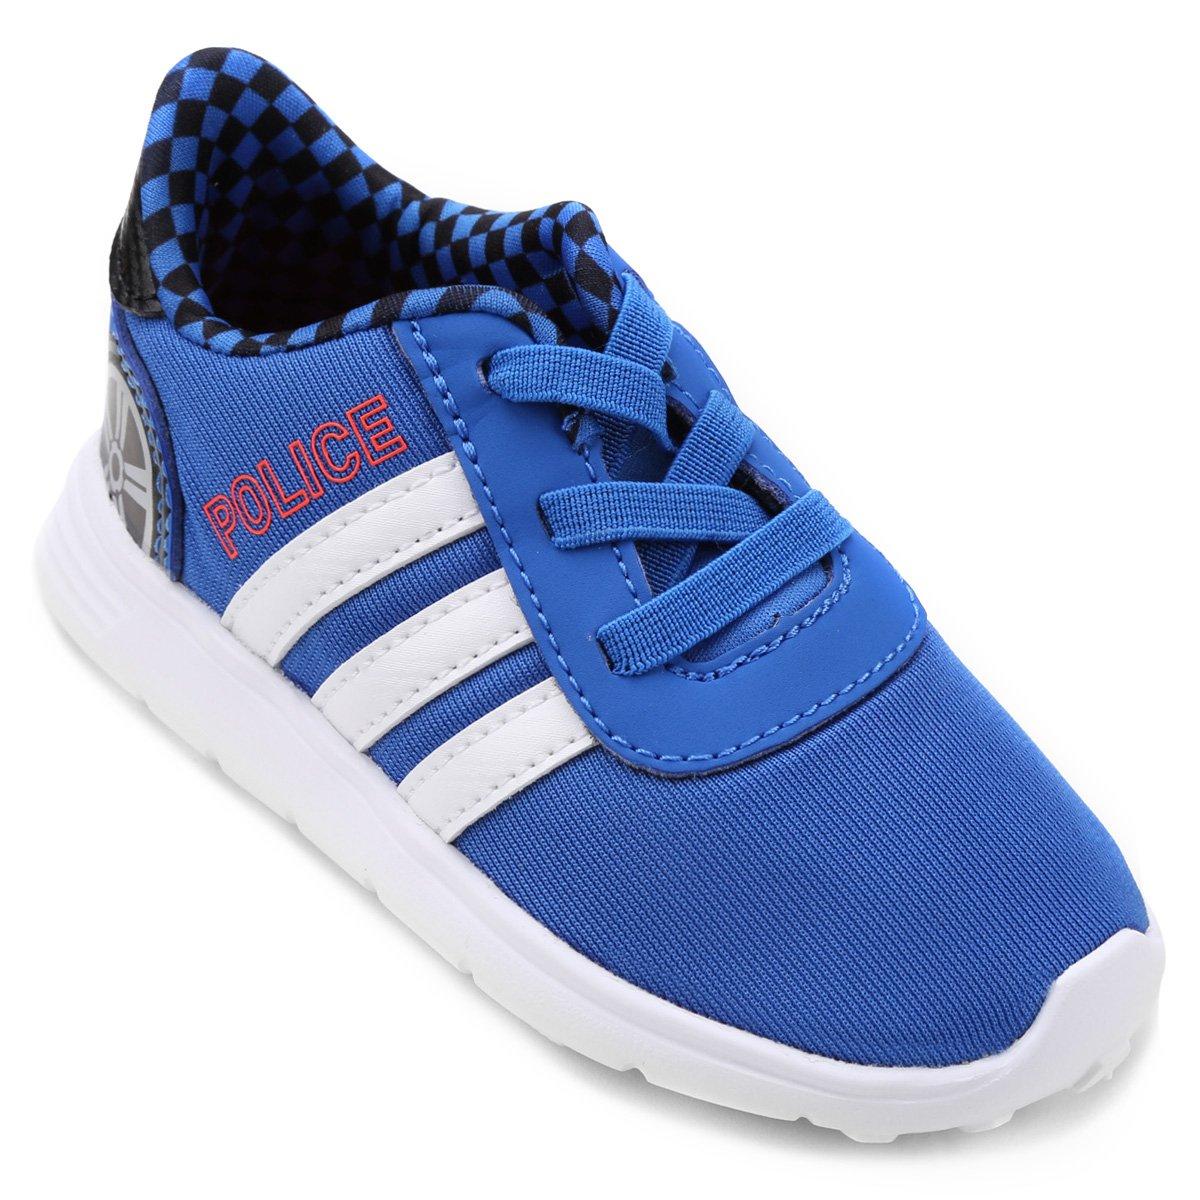 3cb49f901f1 Tênis Adidas Lite Race Police Infantil - Compre Agora